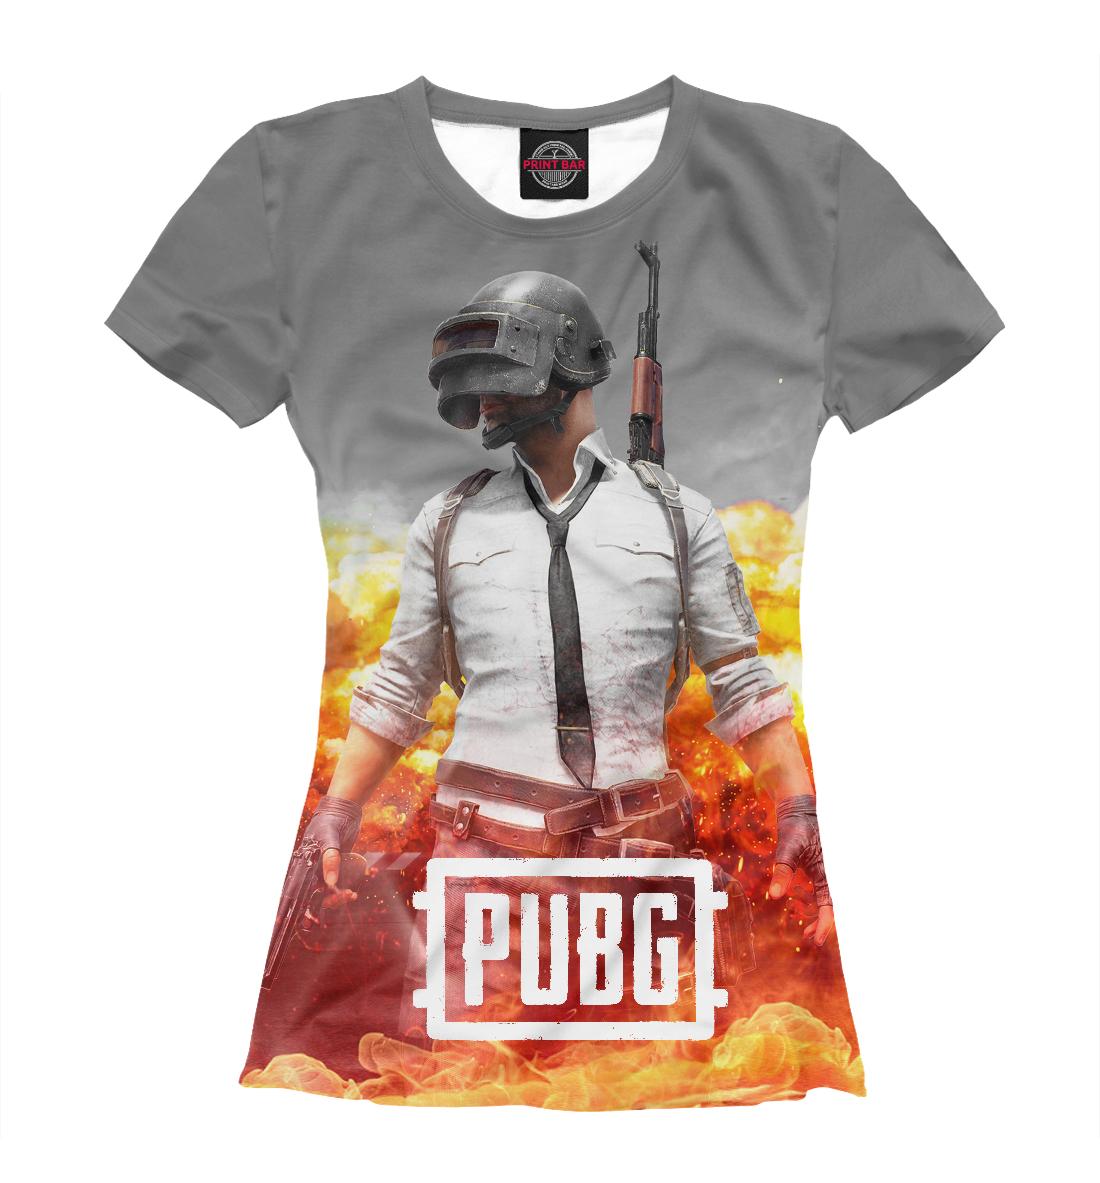 Купить PUBG FIRE, Printbar, Футболки, PBG-978135-fut-1